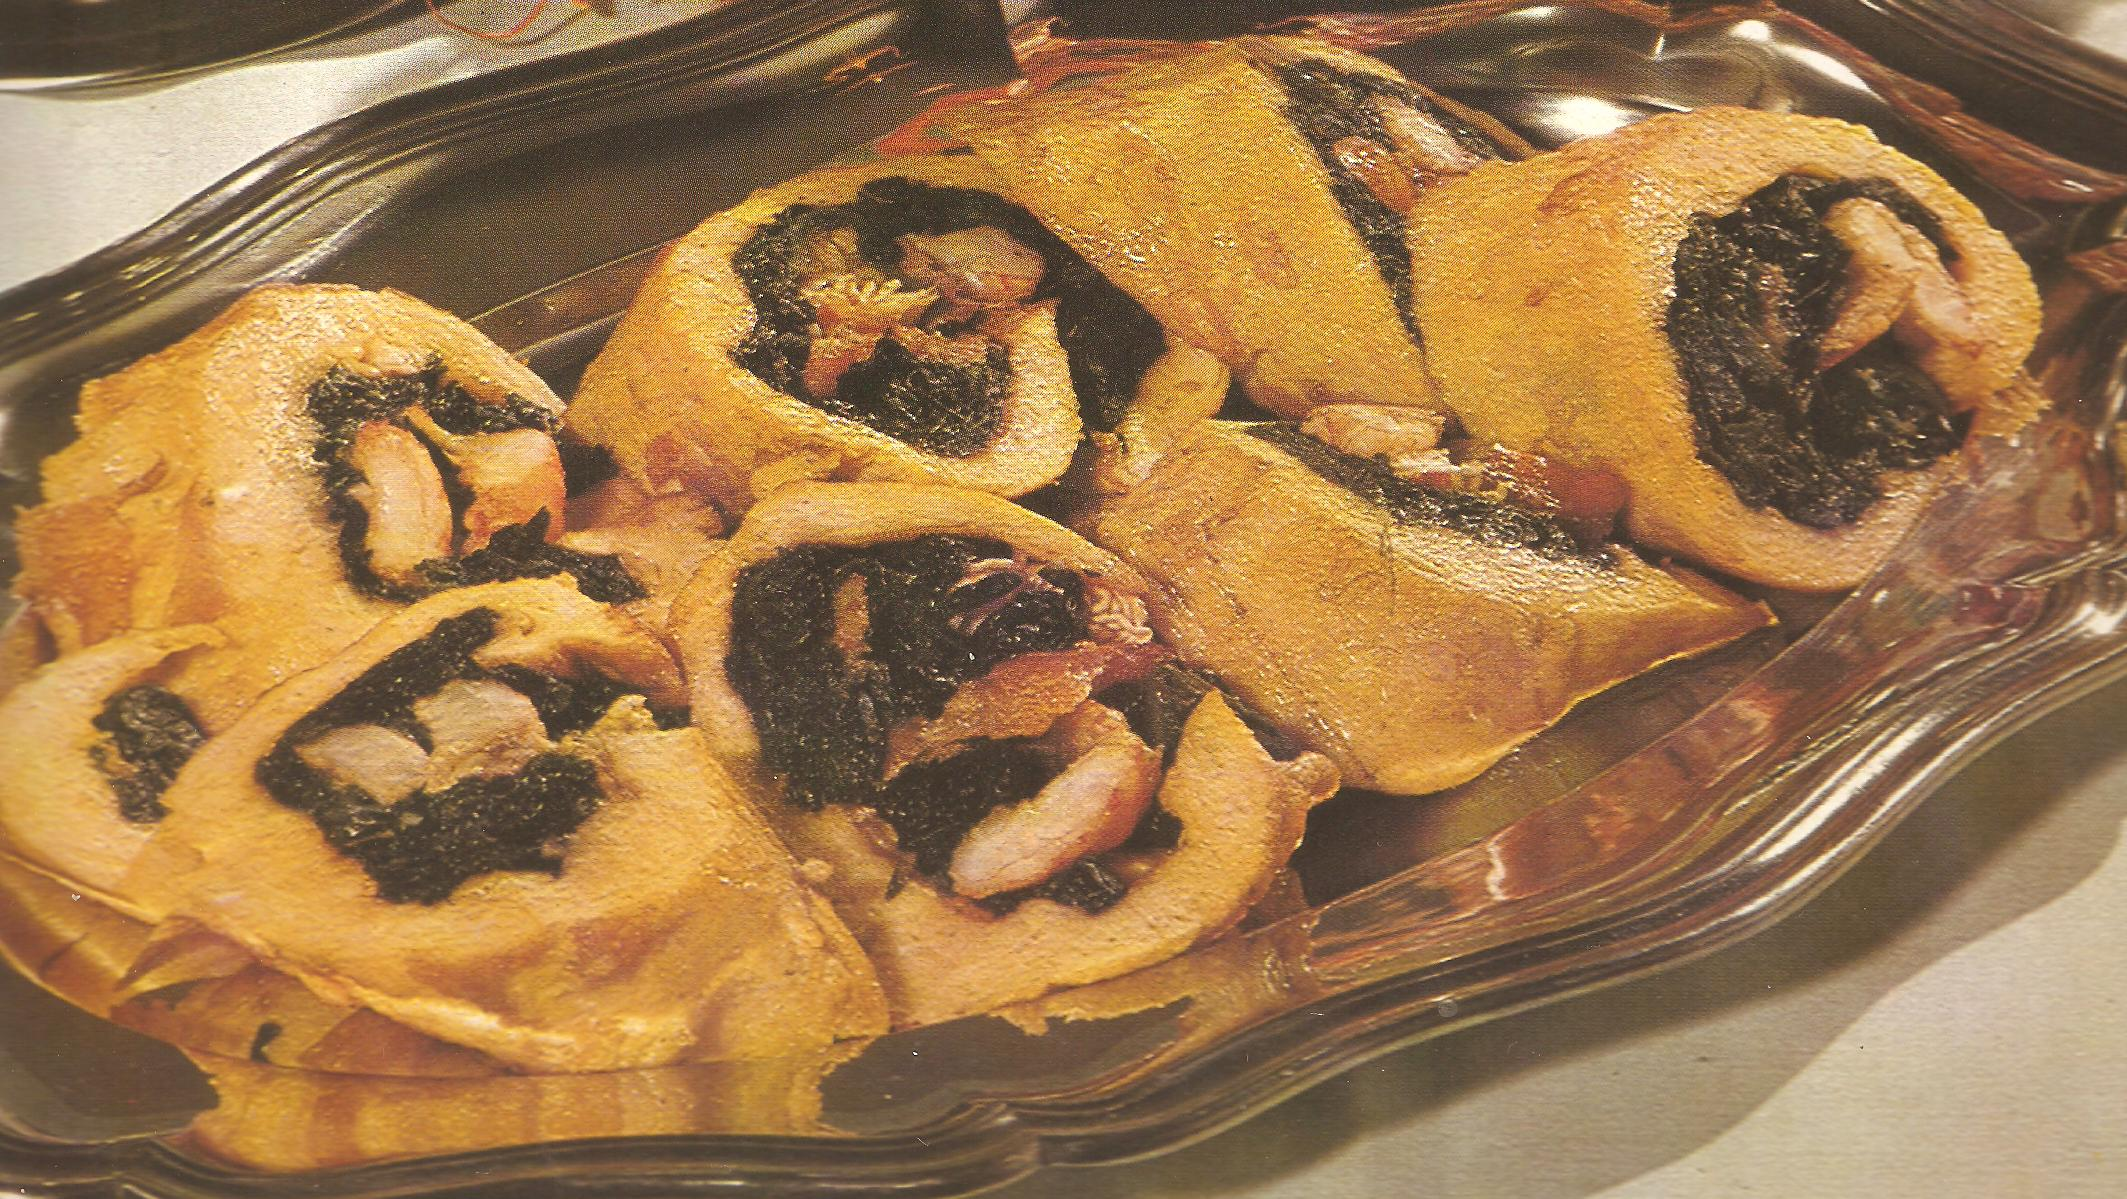 frittata party con gamberi e spinacifrittata delicata ed elegante